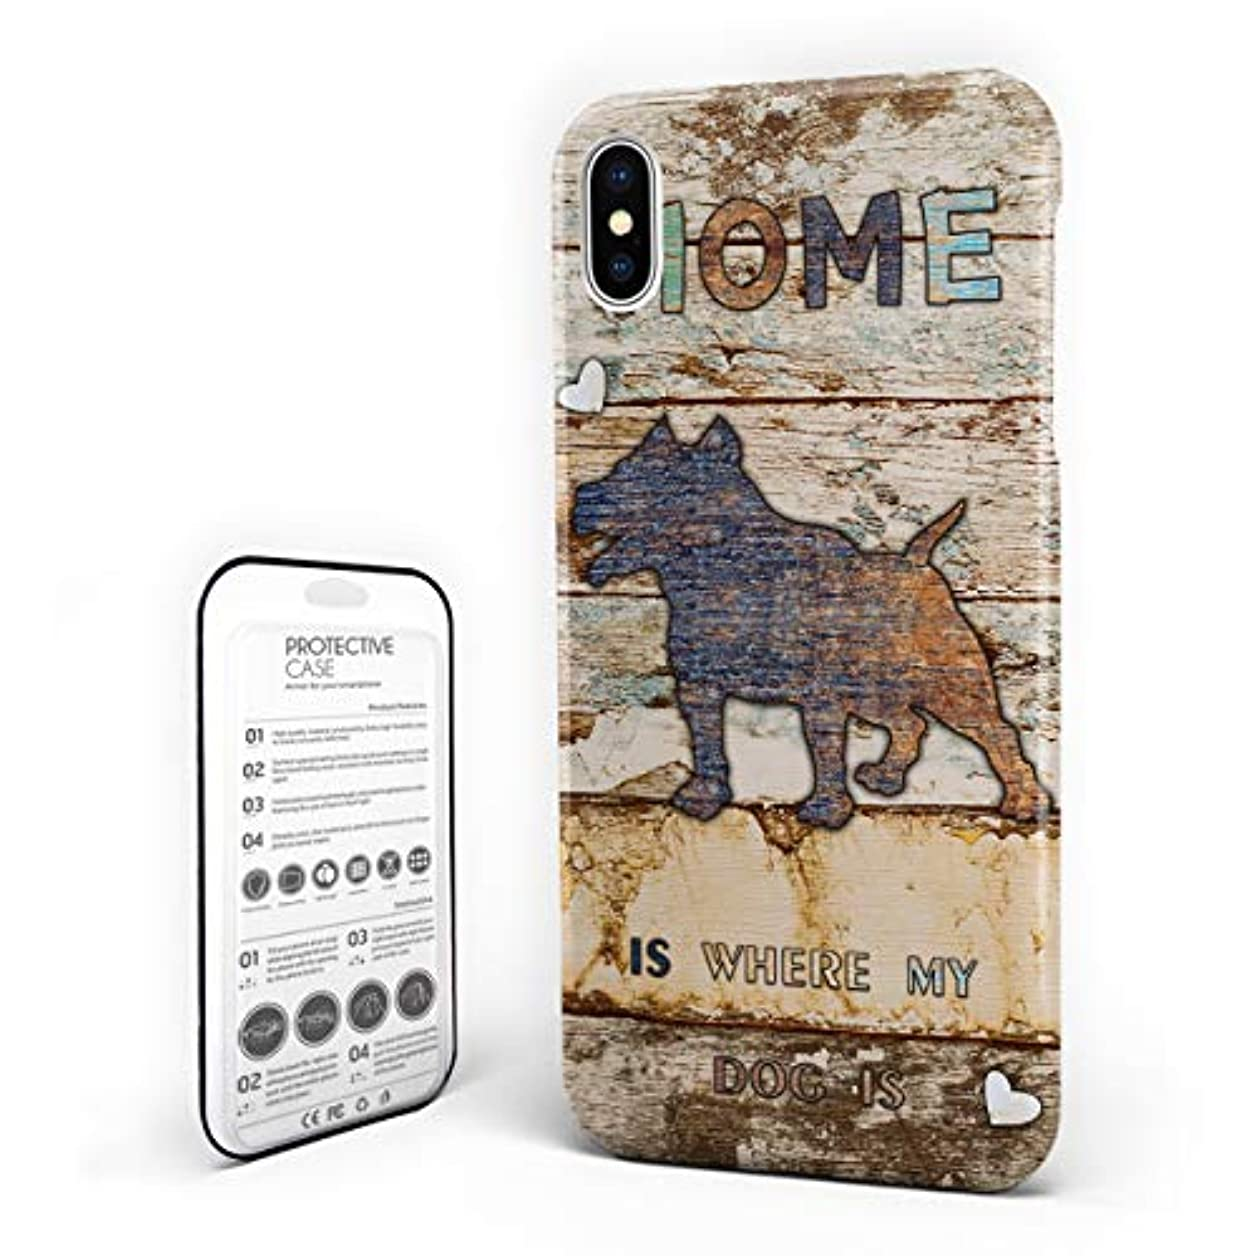 検索エンジン最適化現代の関数iPhone 6 Plus/iPhone 6s Plus カバー 木の板 犬 家 ケース 全面保護 指紋防止 耐衝撃 すり傷防止 超耐久 スマホケース 防塵 薄型 アイフォン ケース カバー 携帯ケース 携帯カバー